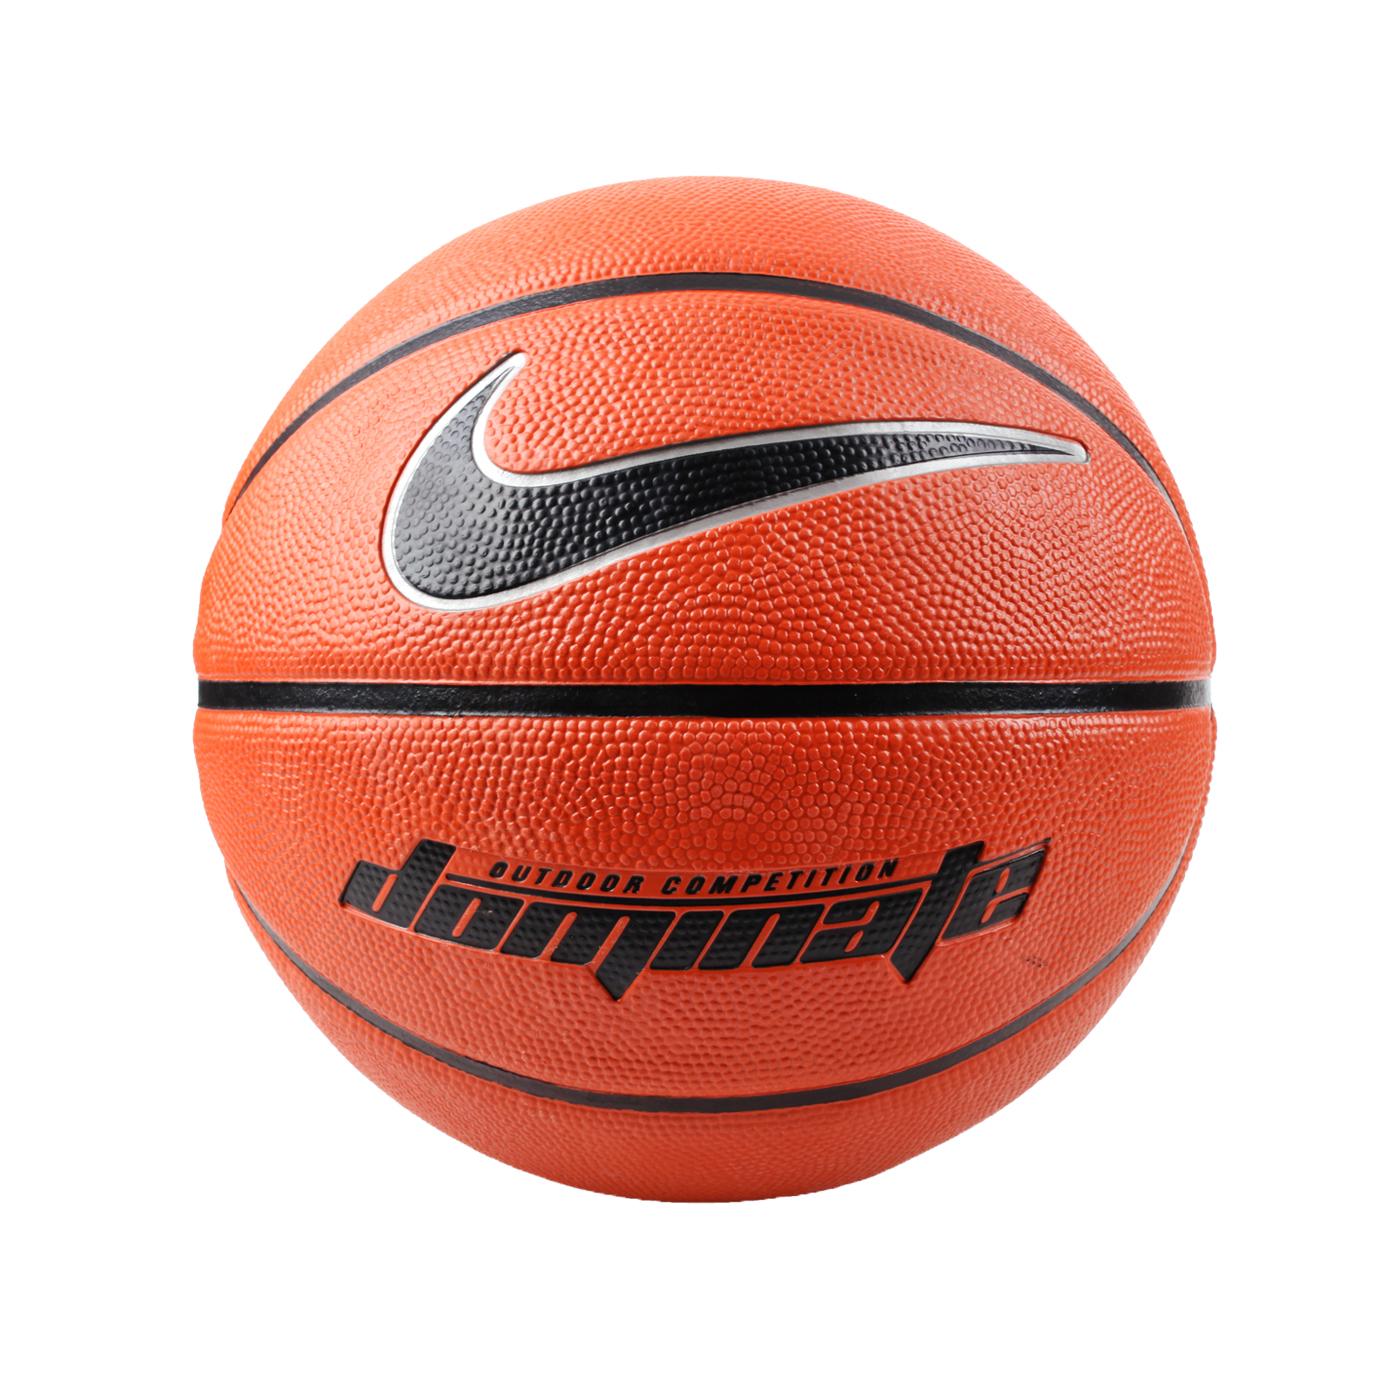 NIKE DOMINATE 7號籃球 NKI0084707 - 橘黑